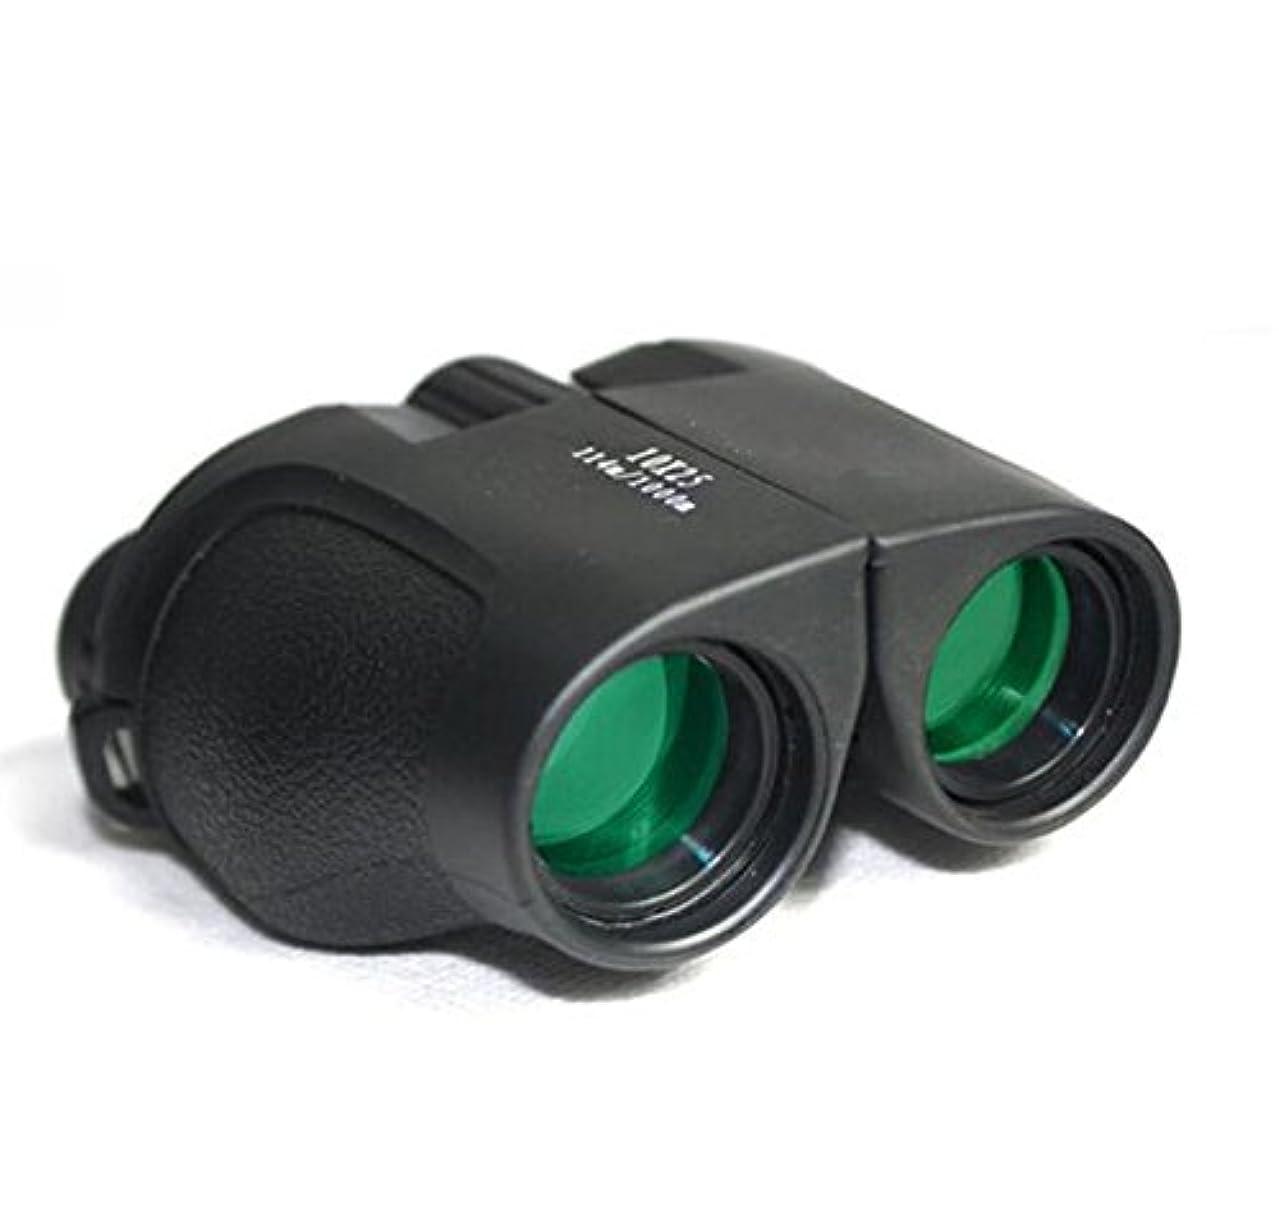 Telescope Telescope Children Hd Night Vision High Power Adult Double Lens Eye Glasses Boy, Gray-White